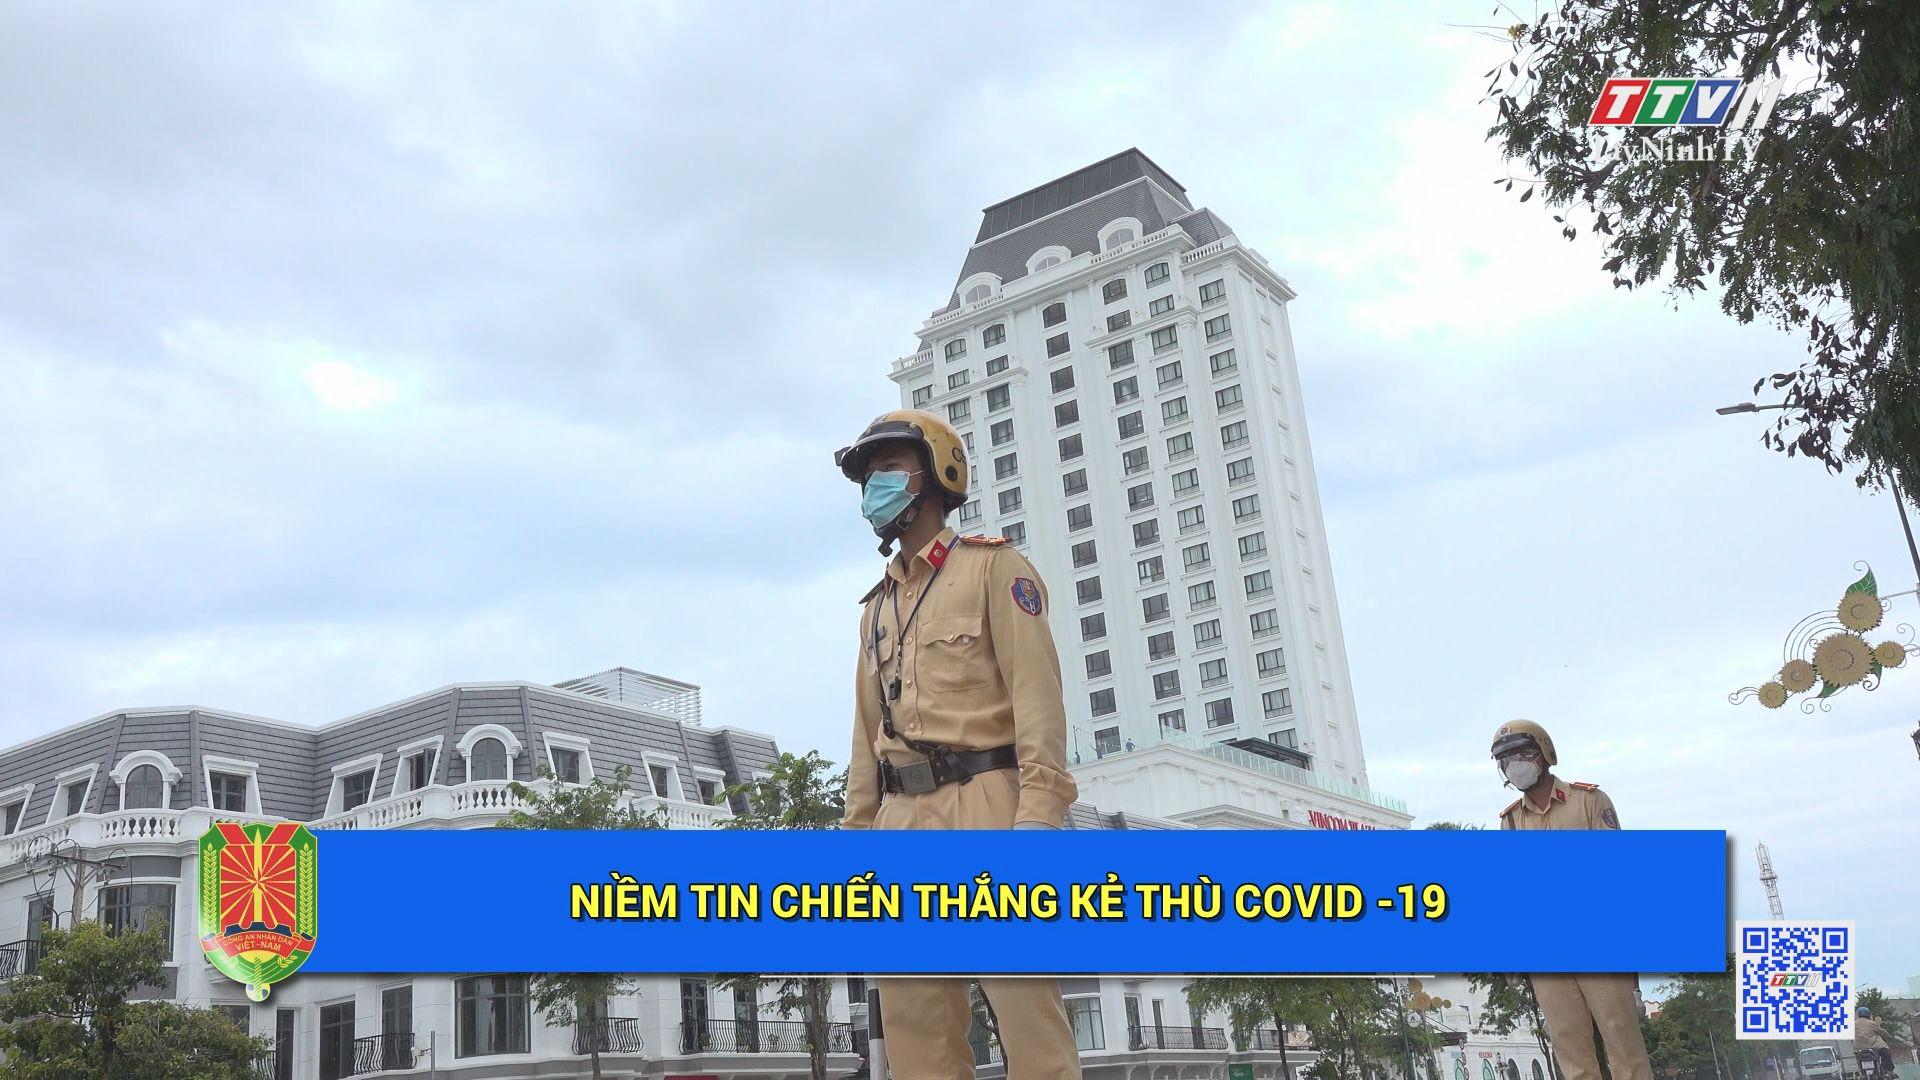 Niềm tin chiến thắng kẻ thù Covid-19   AN NINH TÂY NINH   TayNinhTV